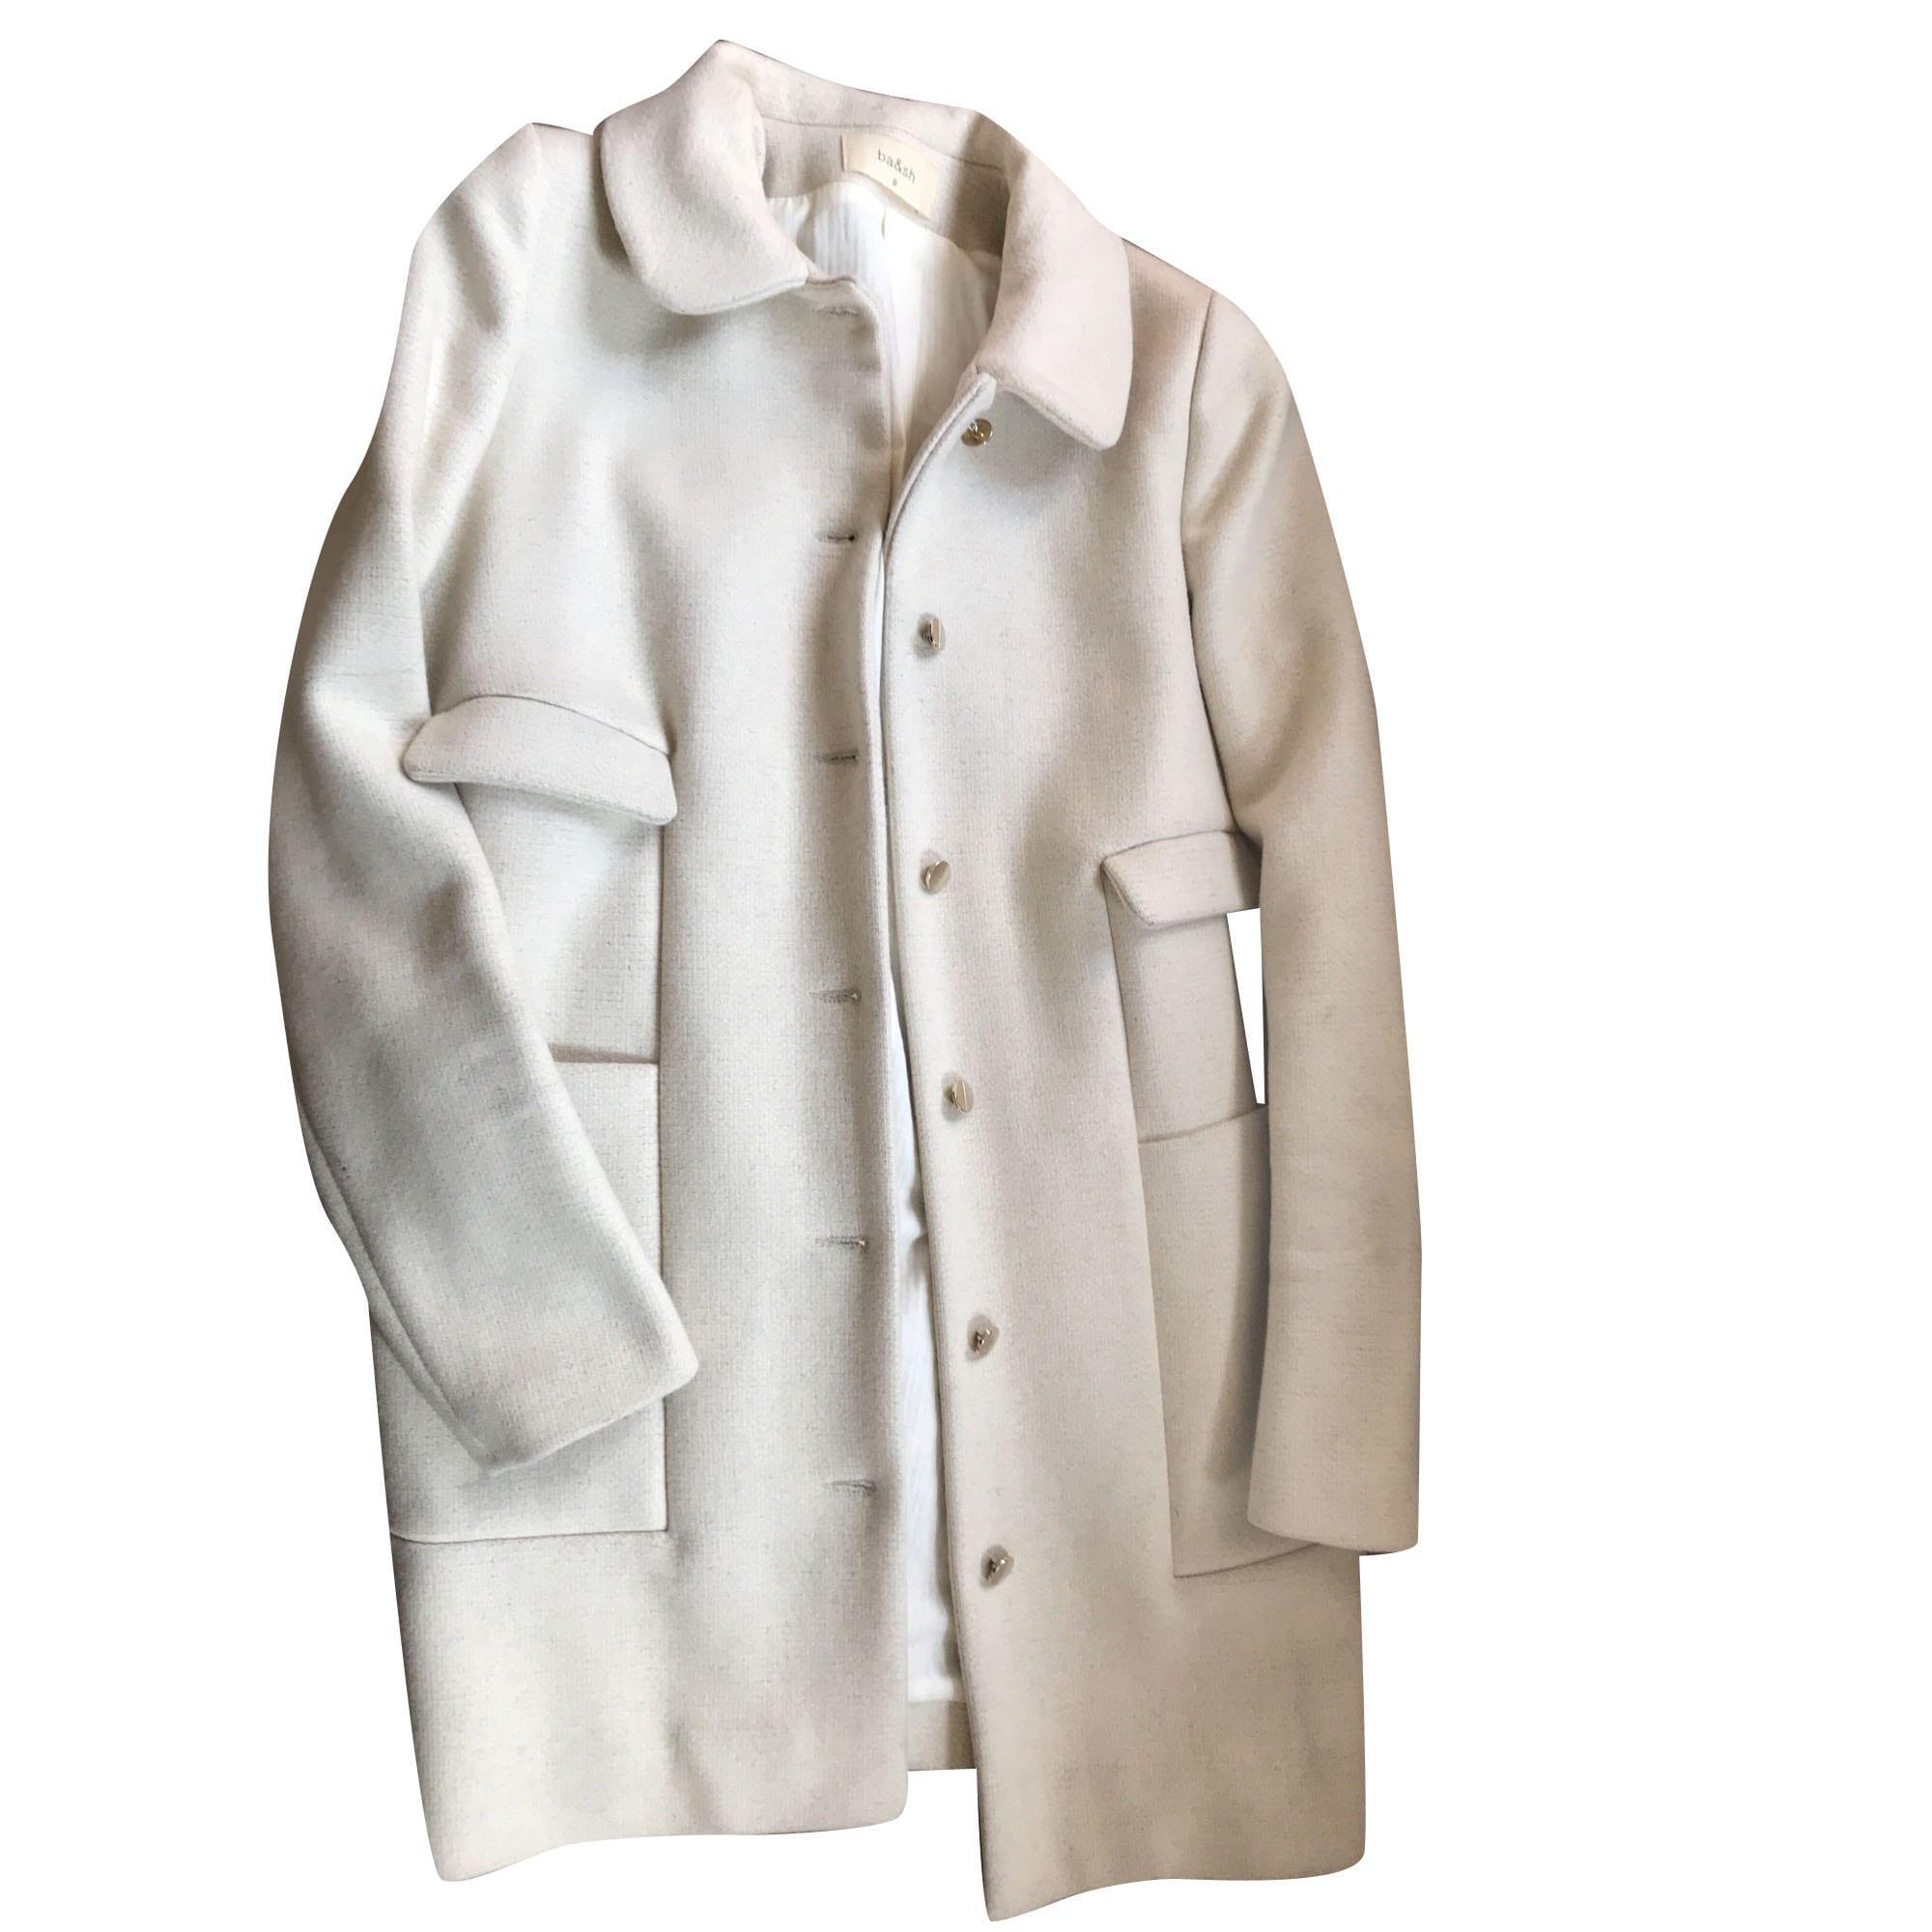 Manteau BA SH 34 (XS, T0) blanc vendu par D anne-sophie 21129260 ... cdbe06239b9